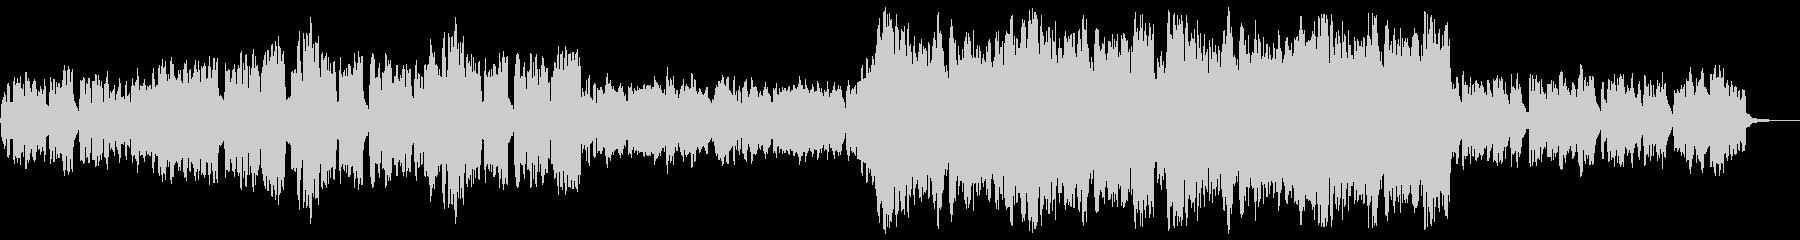 木管楽器と弦楽器のワルツの未再生の波形